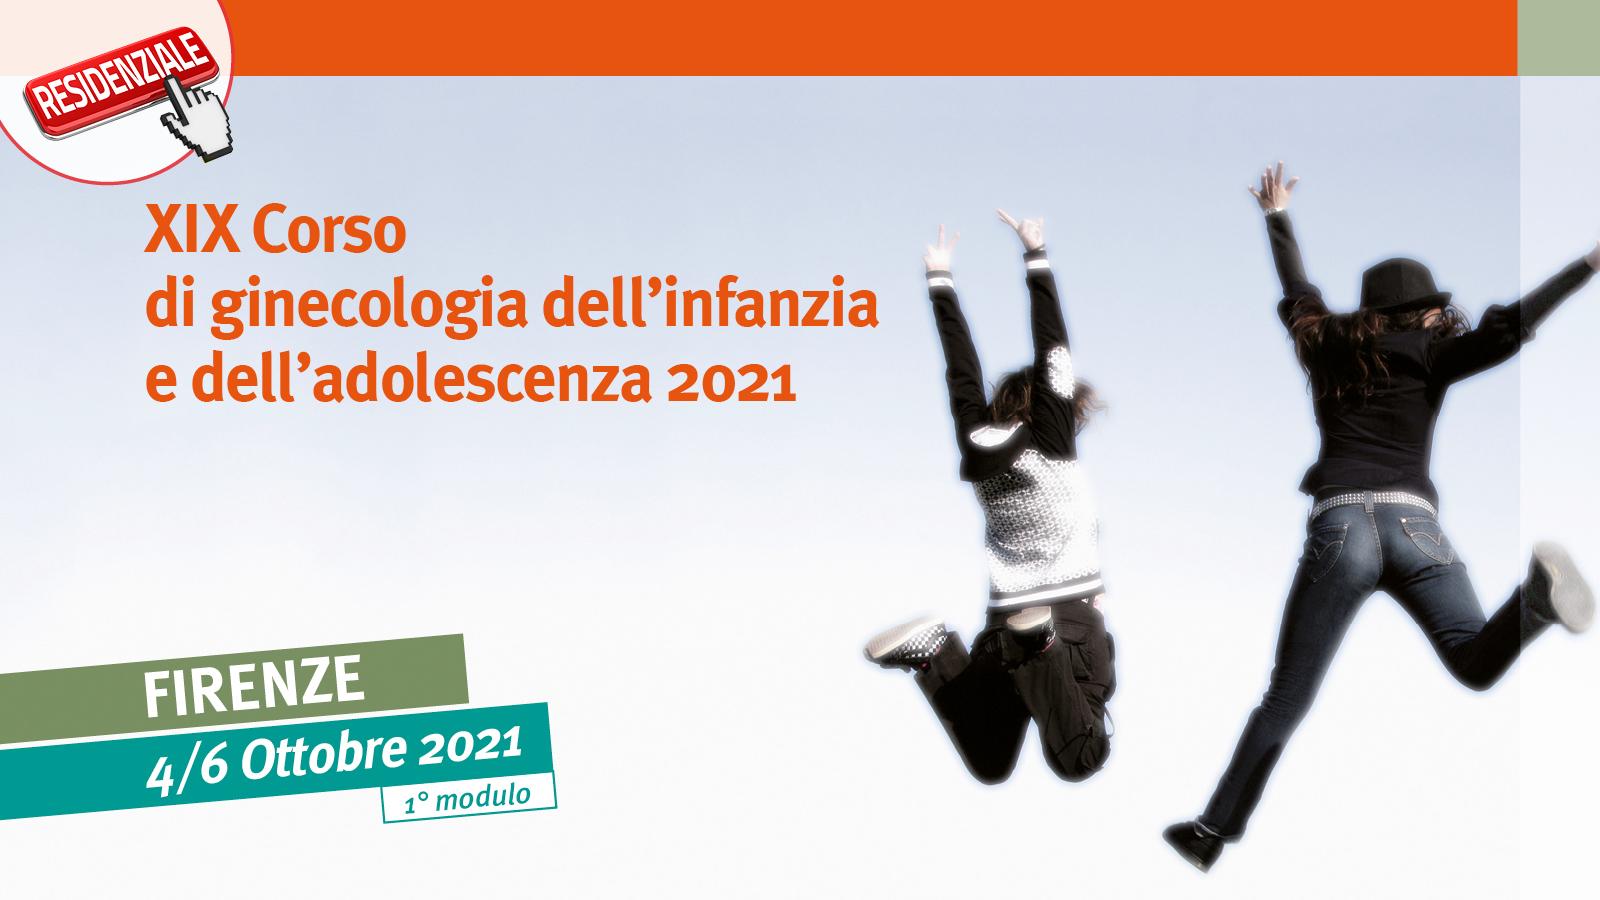 XIX Corso di ginecologia dell'infanzia e dell'adolescenza 2021